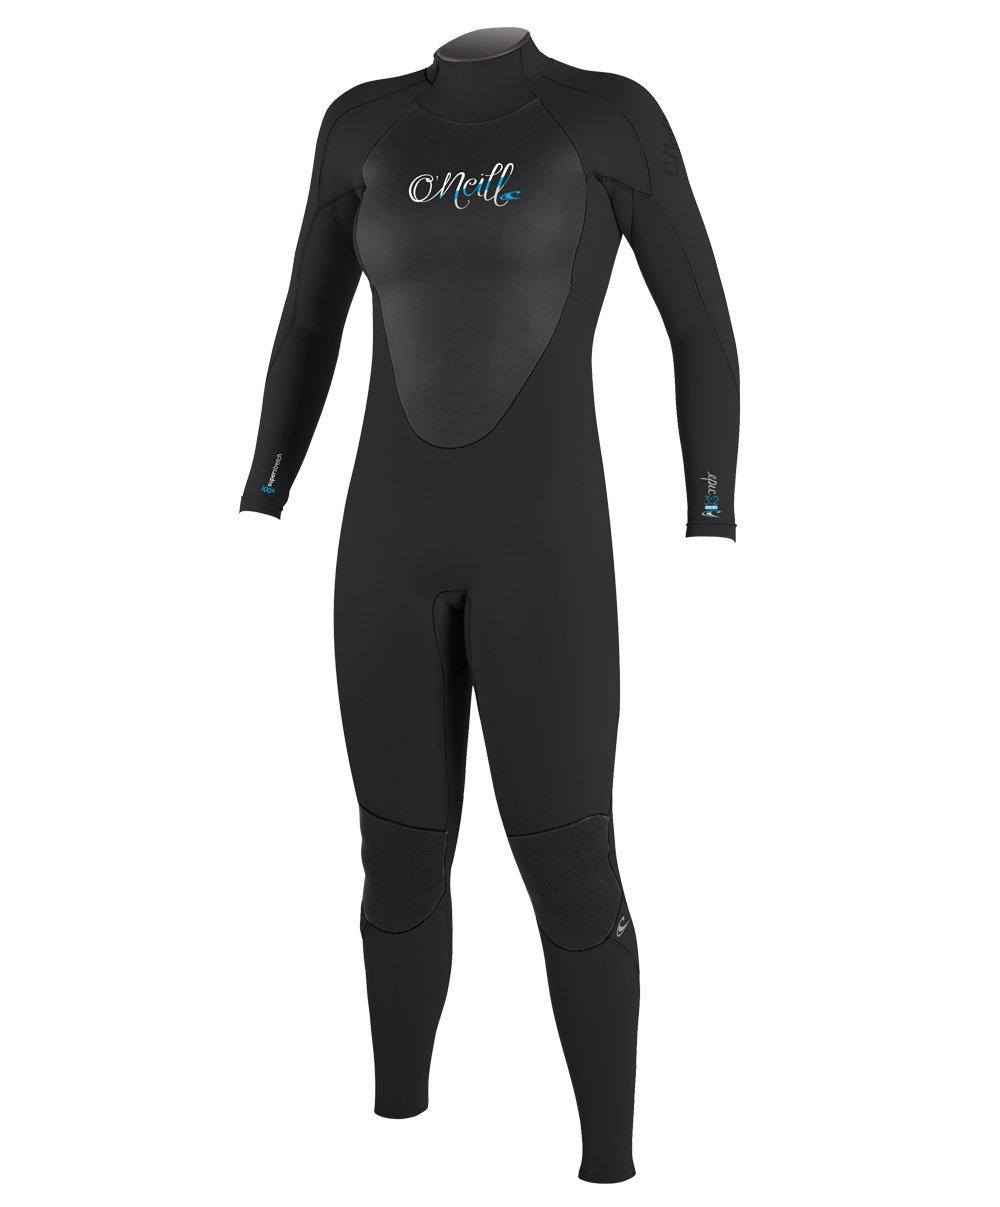 O'Neill Women's Epic 4/3mm Back Zip Full Wetsuit, Black/Black/Black, 8